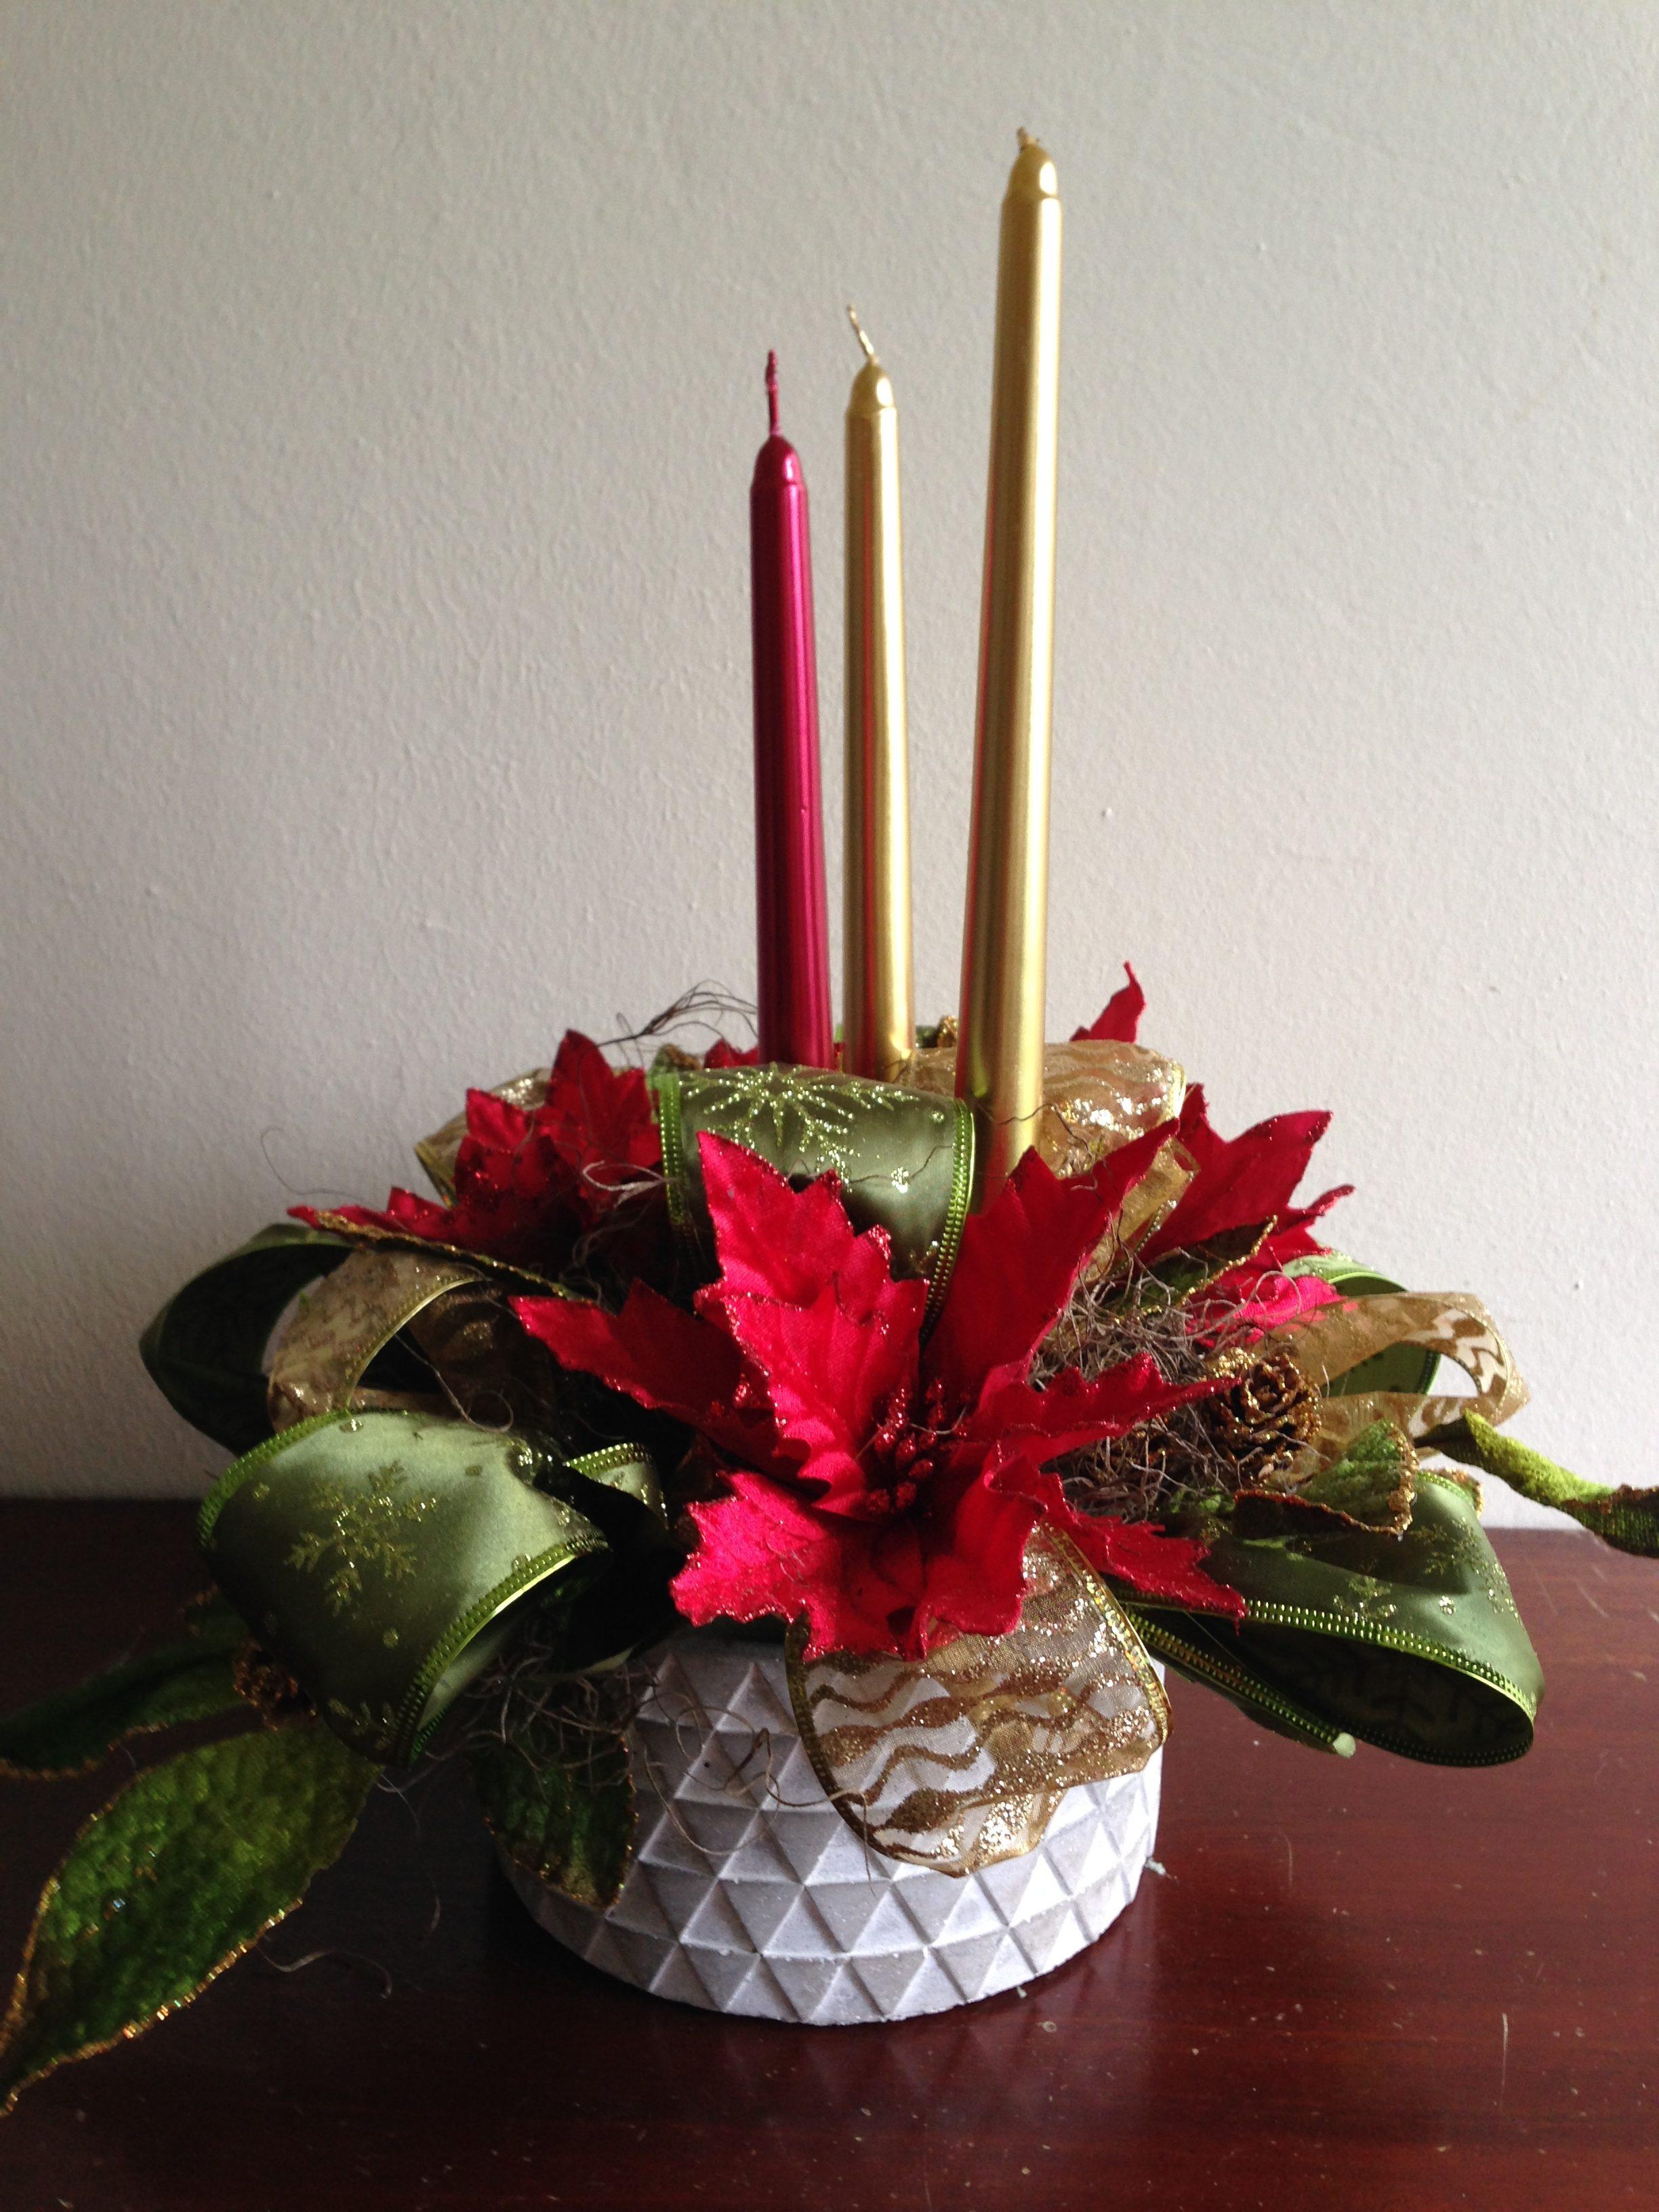 Arreglo navide o en base de cer mica con candelas - Arreglos navidenos para mesa ...